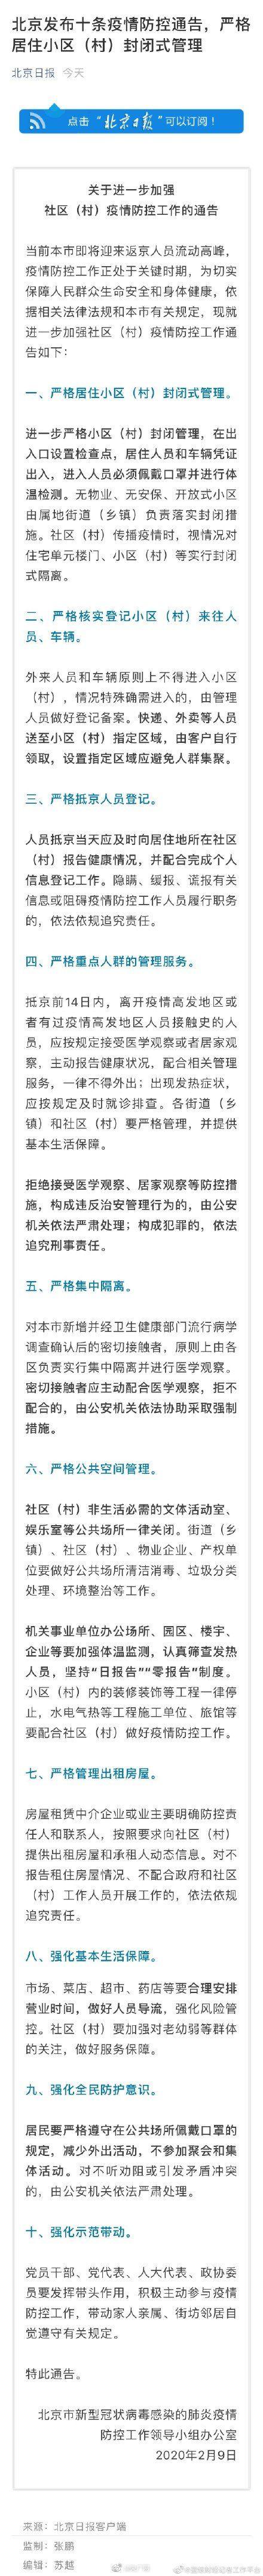 酒精消毒后烤电暖气全身着火 北京严格居住小区封闭式管理